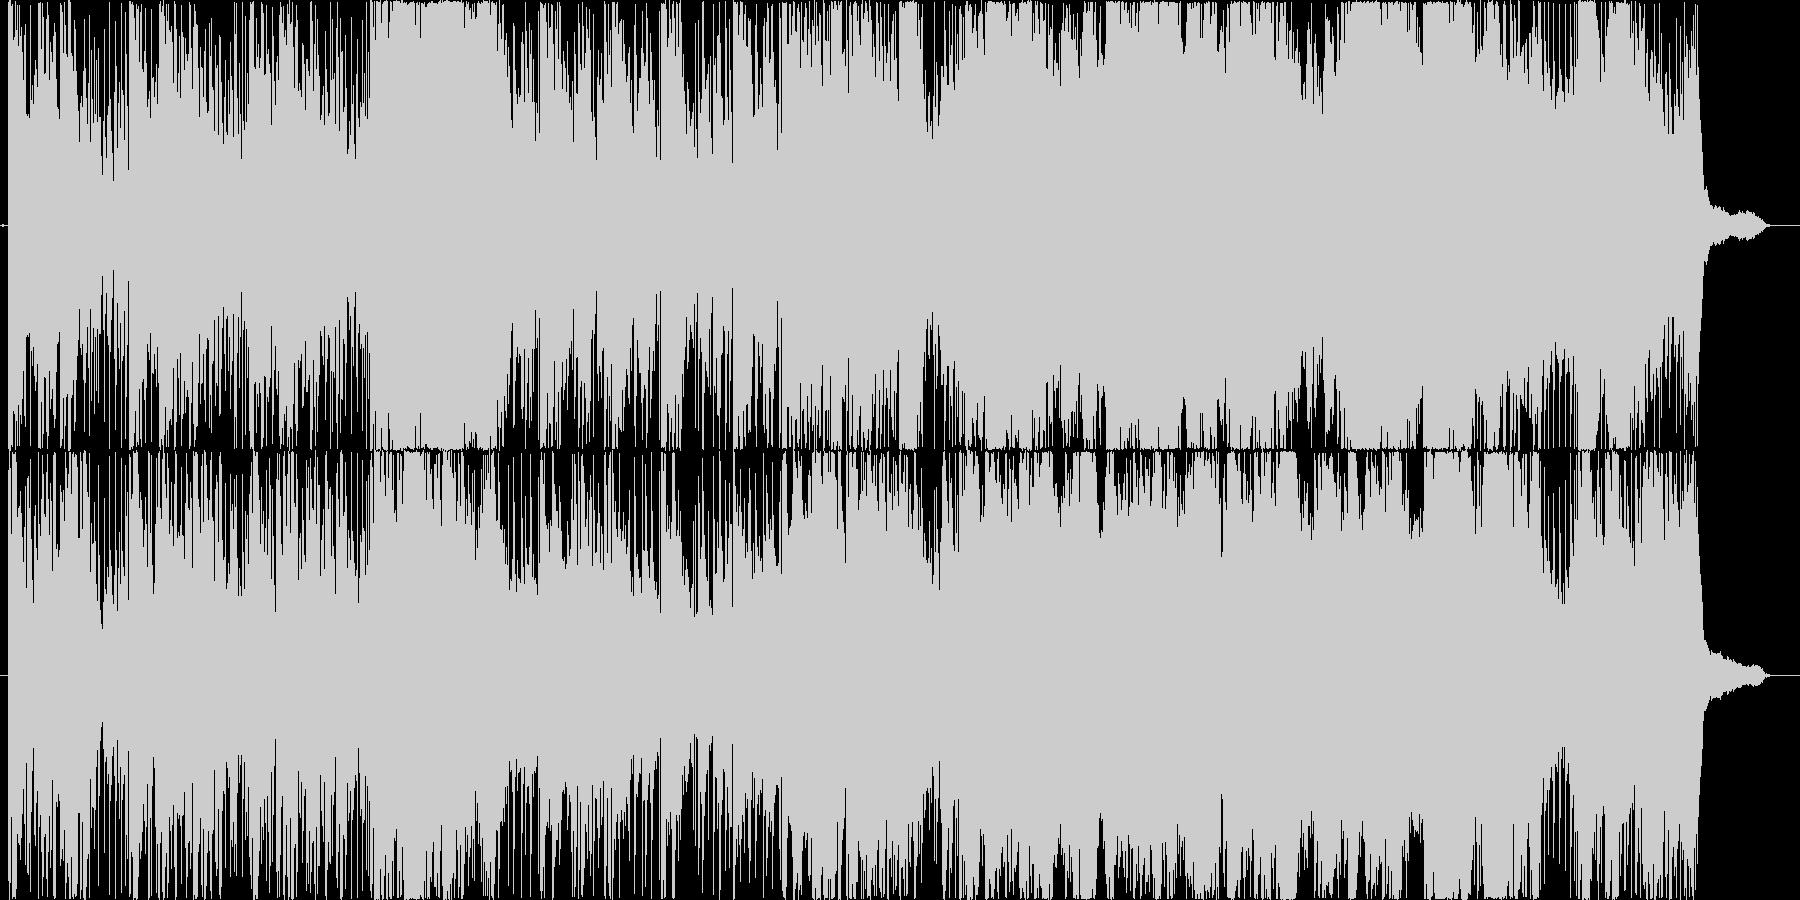 オーケストラ風の壮大な曲の未再生の波形